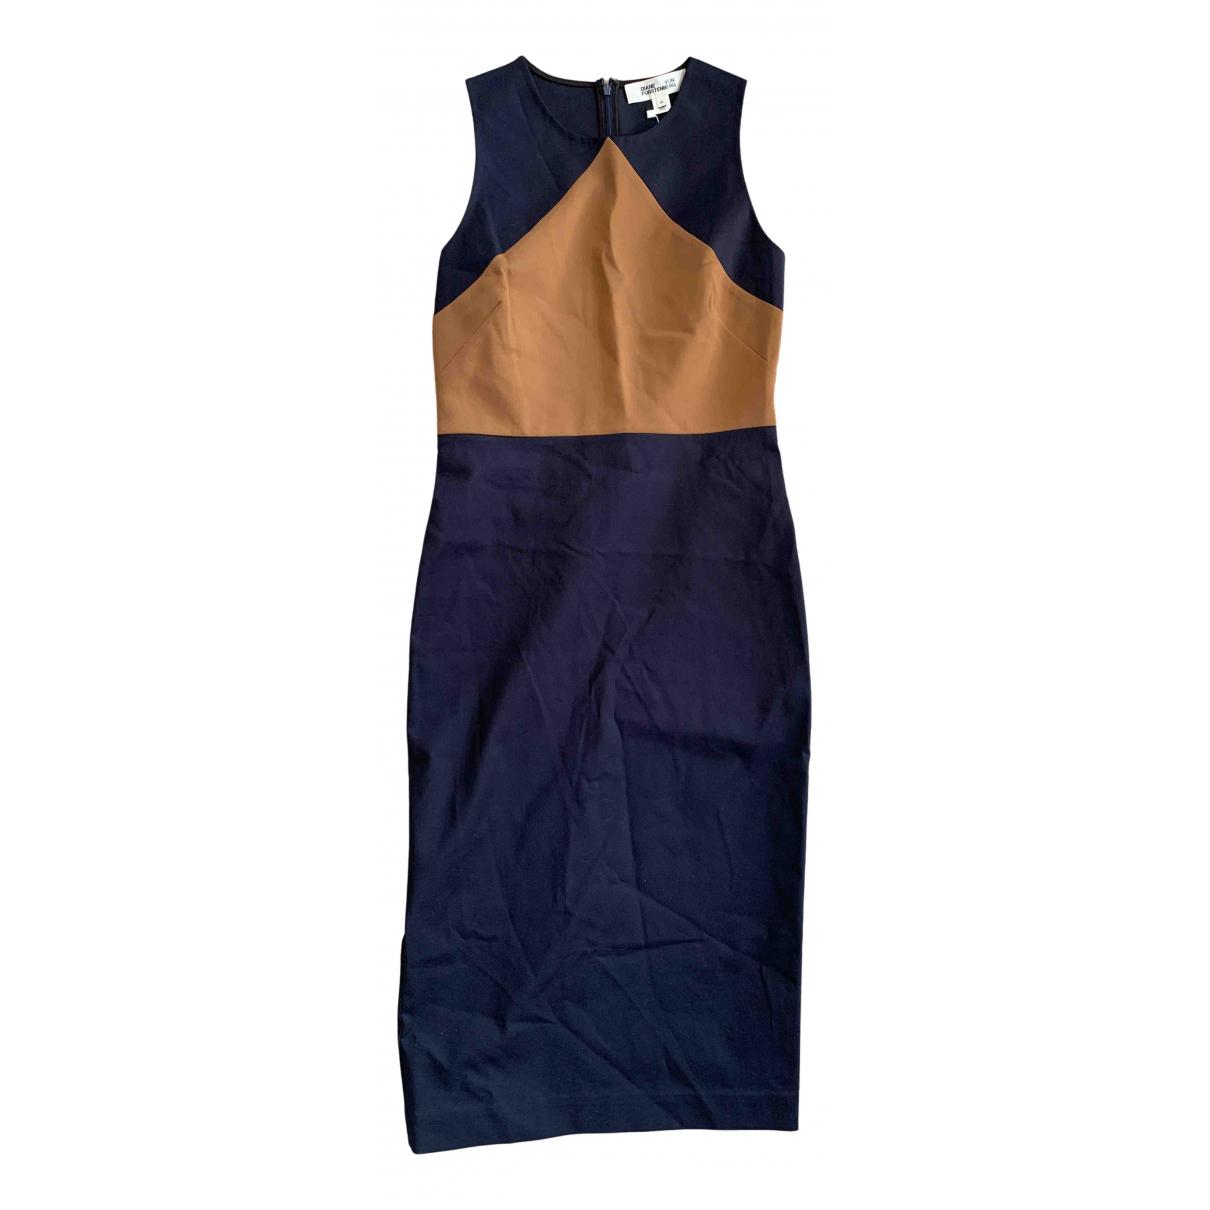 Diane Von Furstenberg N Blue Cotton - elasthane dress for Women 10 US